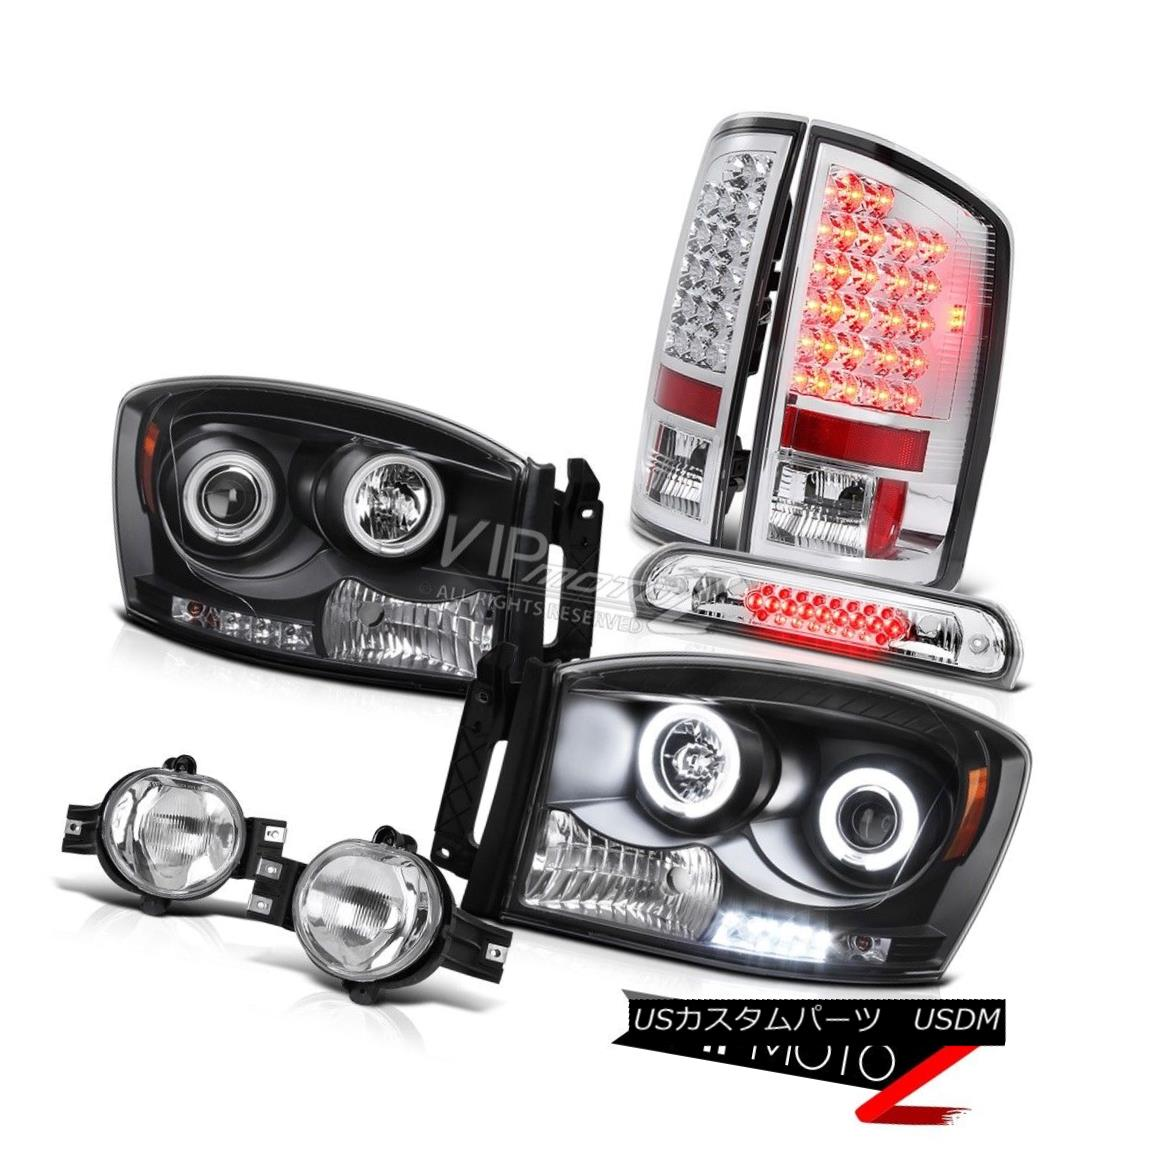 【良好品】 ヘッドライト 2006 Ram Halo Halo CCFL Headlamps Headlamps Clear 2006 LED Tail Lights Foglights Chrome 3rd Brake 2006 Ram Halo CCFLヘッドランプクリアLEDテールライトFoglights Chrome 3rd Brake, もっとホット:83a55cd1 --- online-cv.site